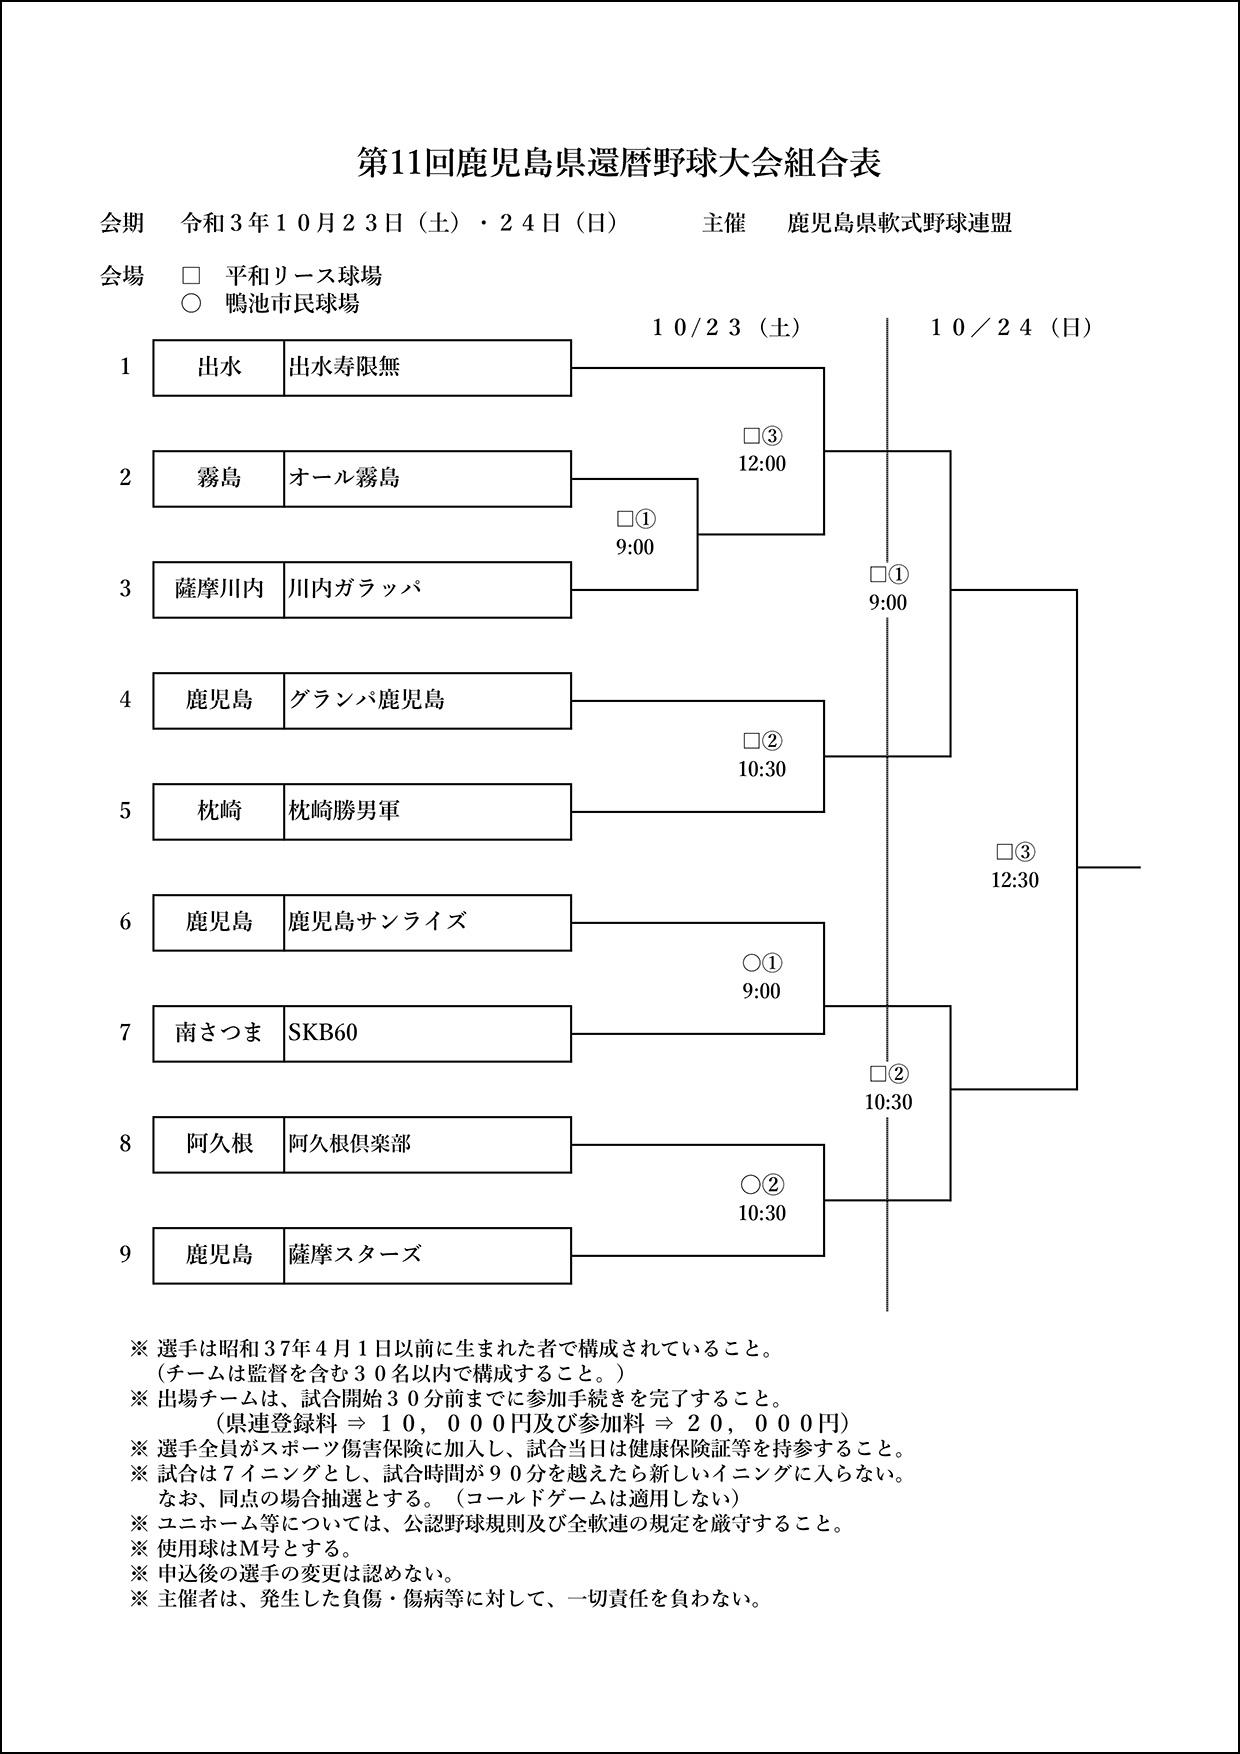 【組合せ】第11回鹿児島県還暦野球大会